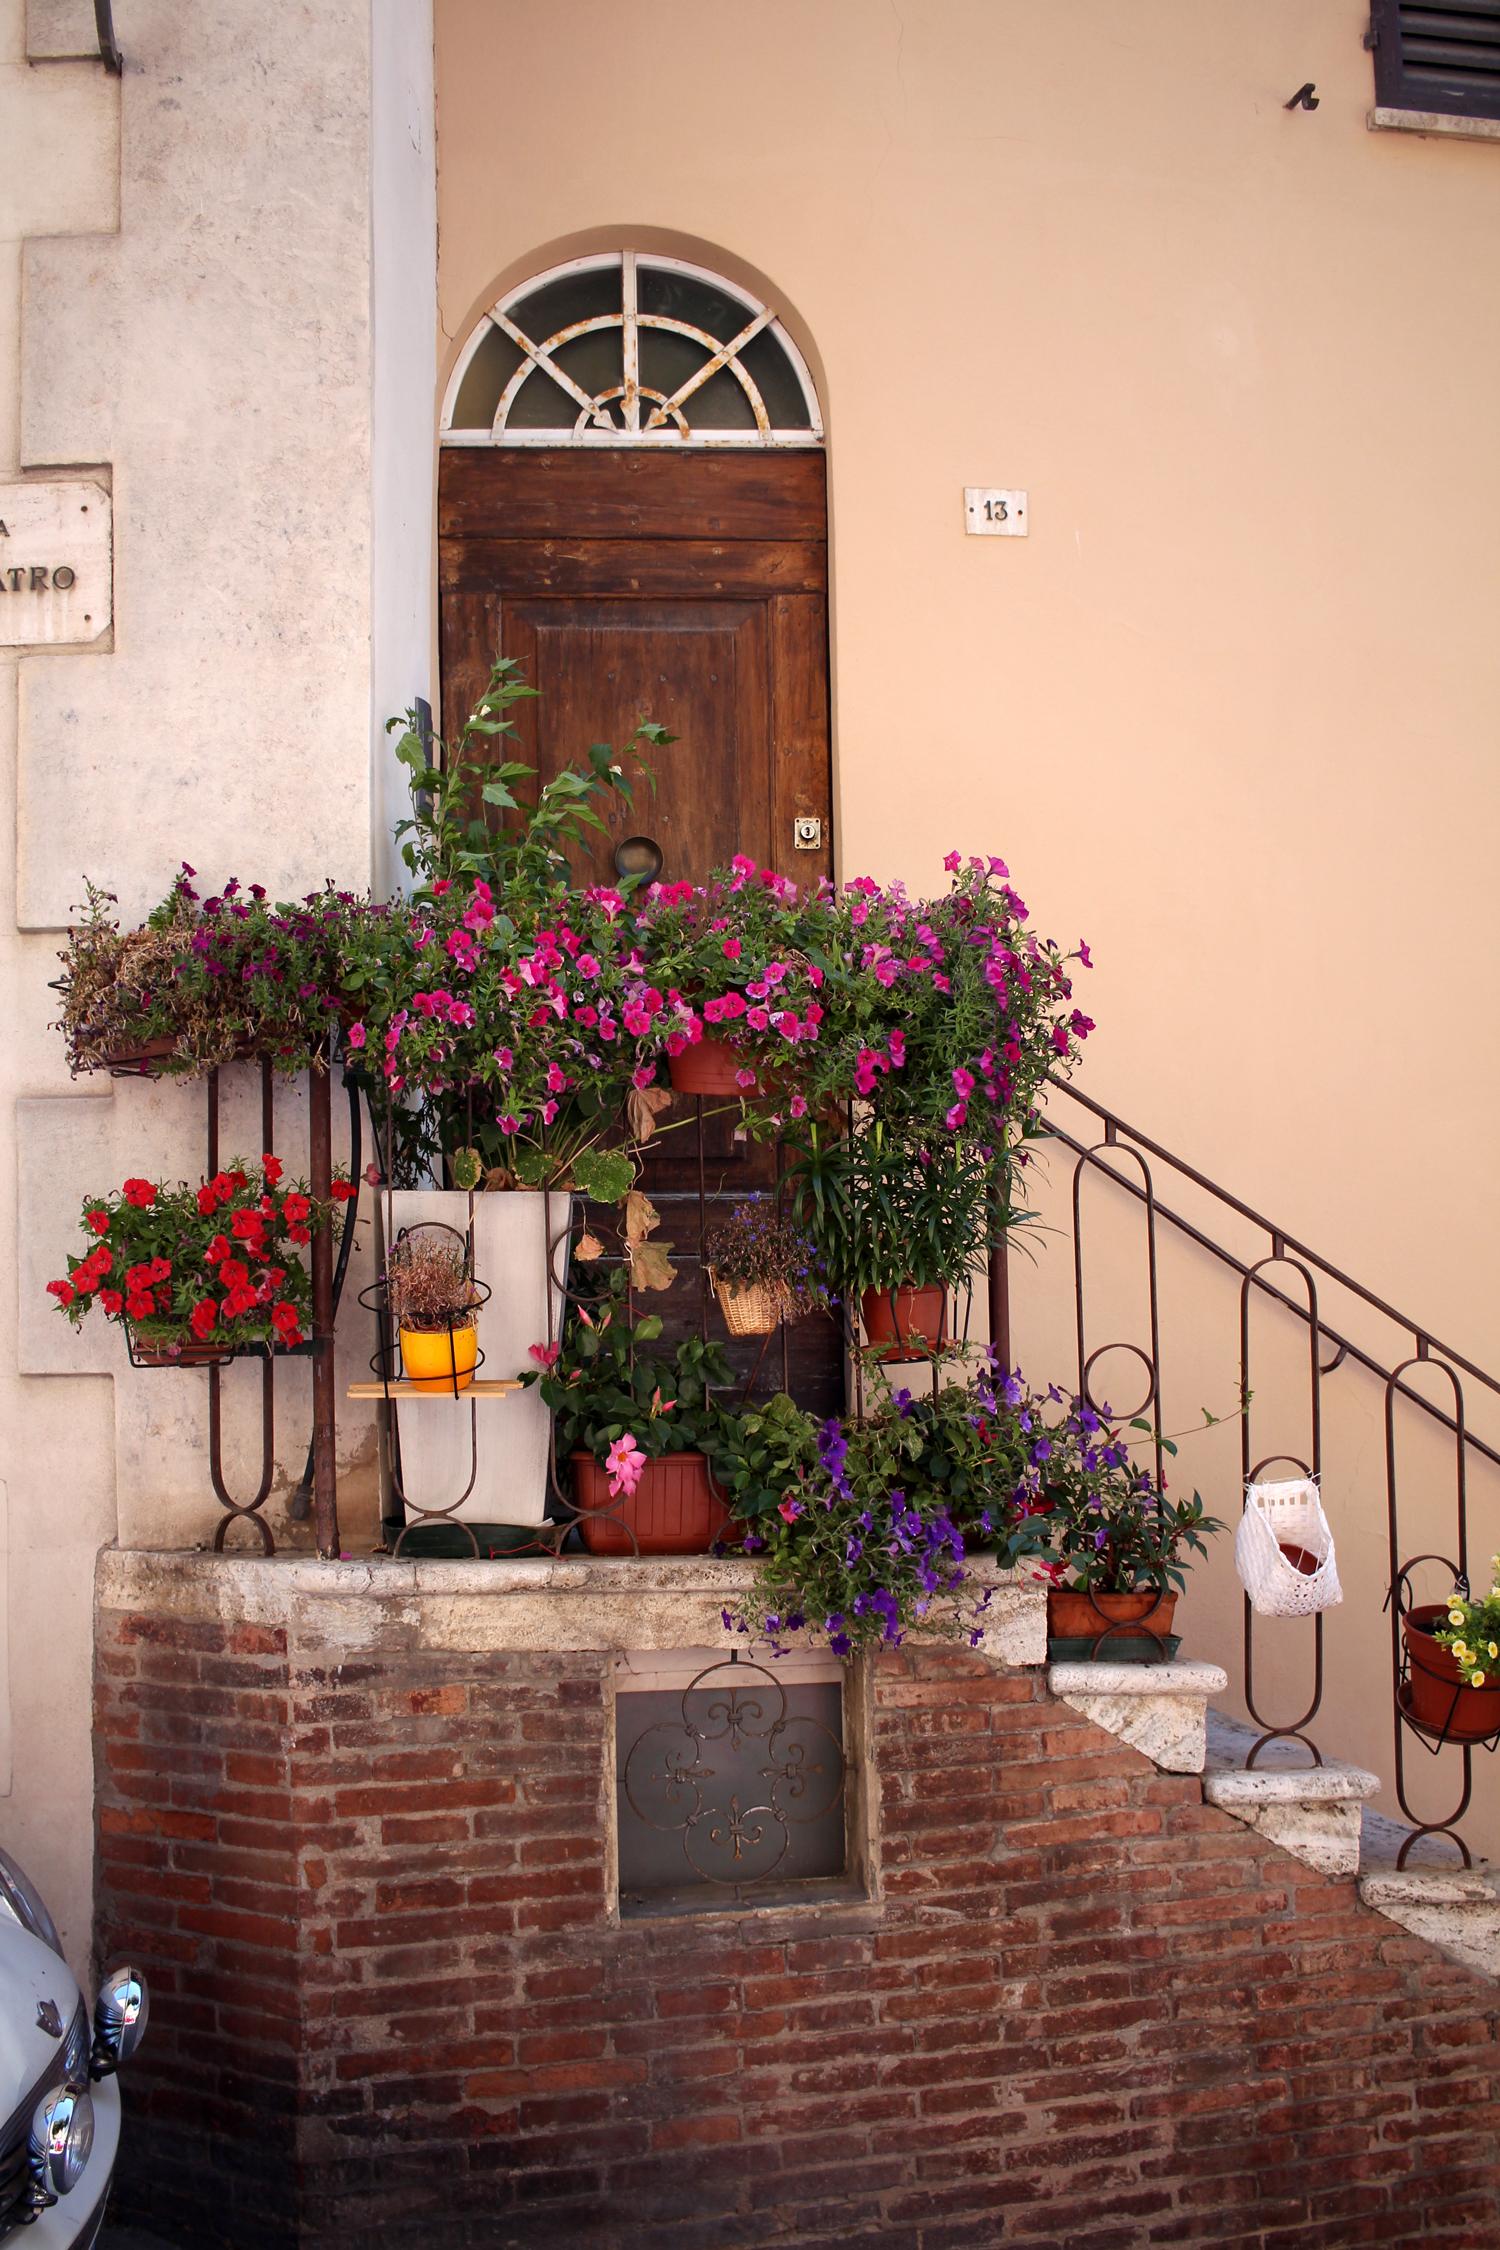 tuscany-italy-montepulciano-travel-blogger-6